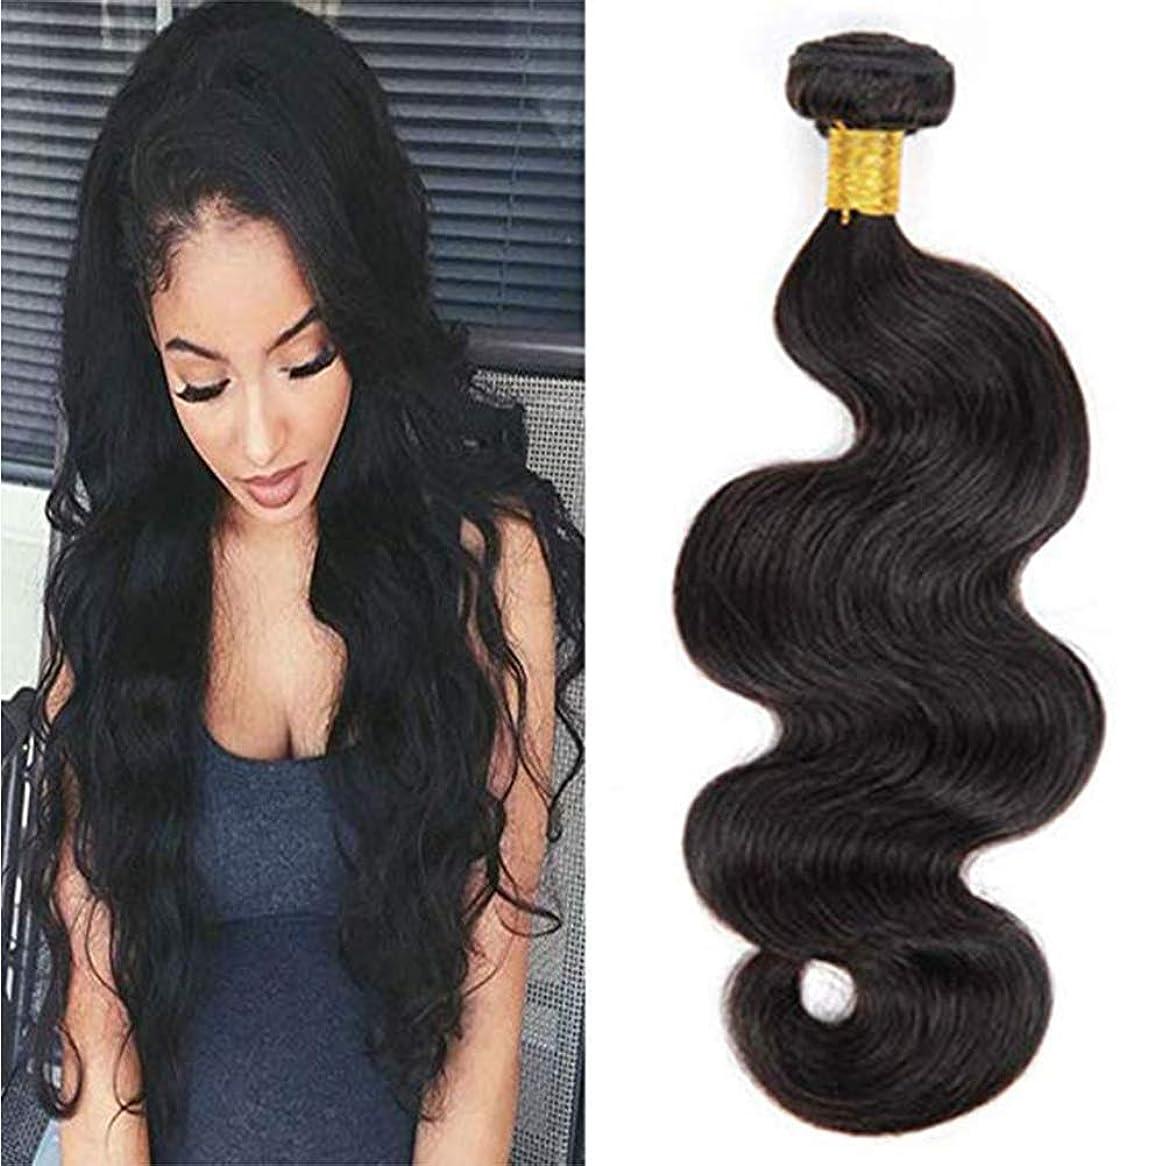 乳製品覆すデュアル女性の髪織り8aブラジルバージンヘアバンドルで前頭ブラジル緩い波人間の髪の毛閉鎖緩い波